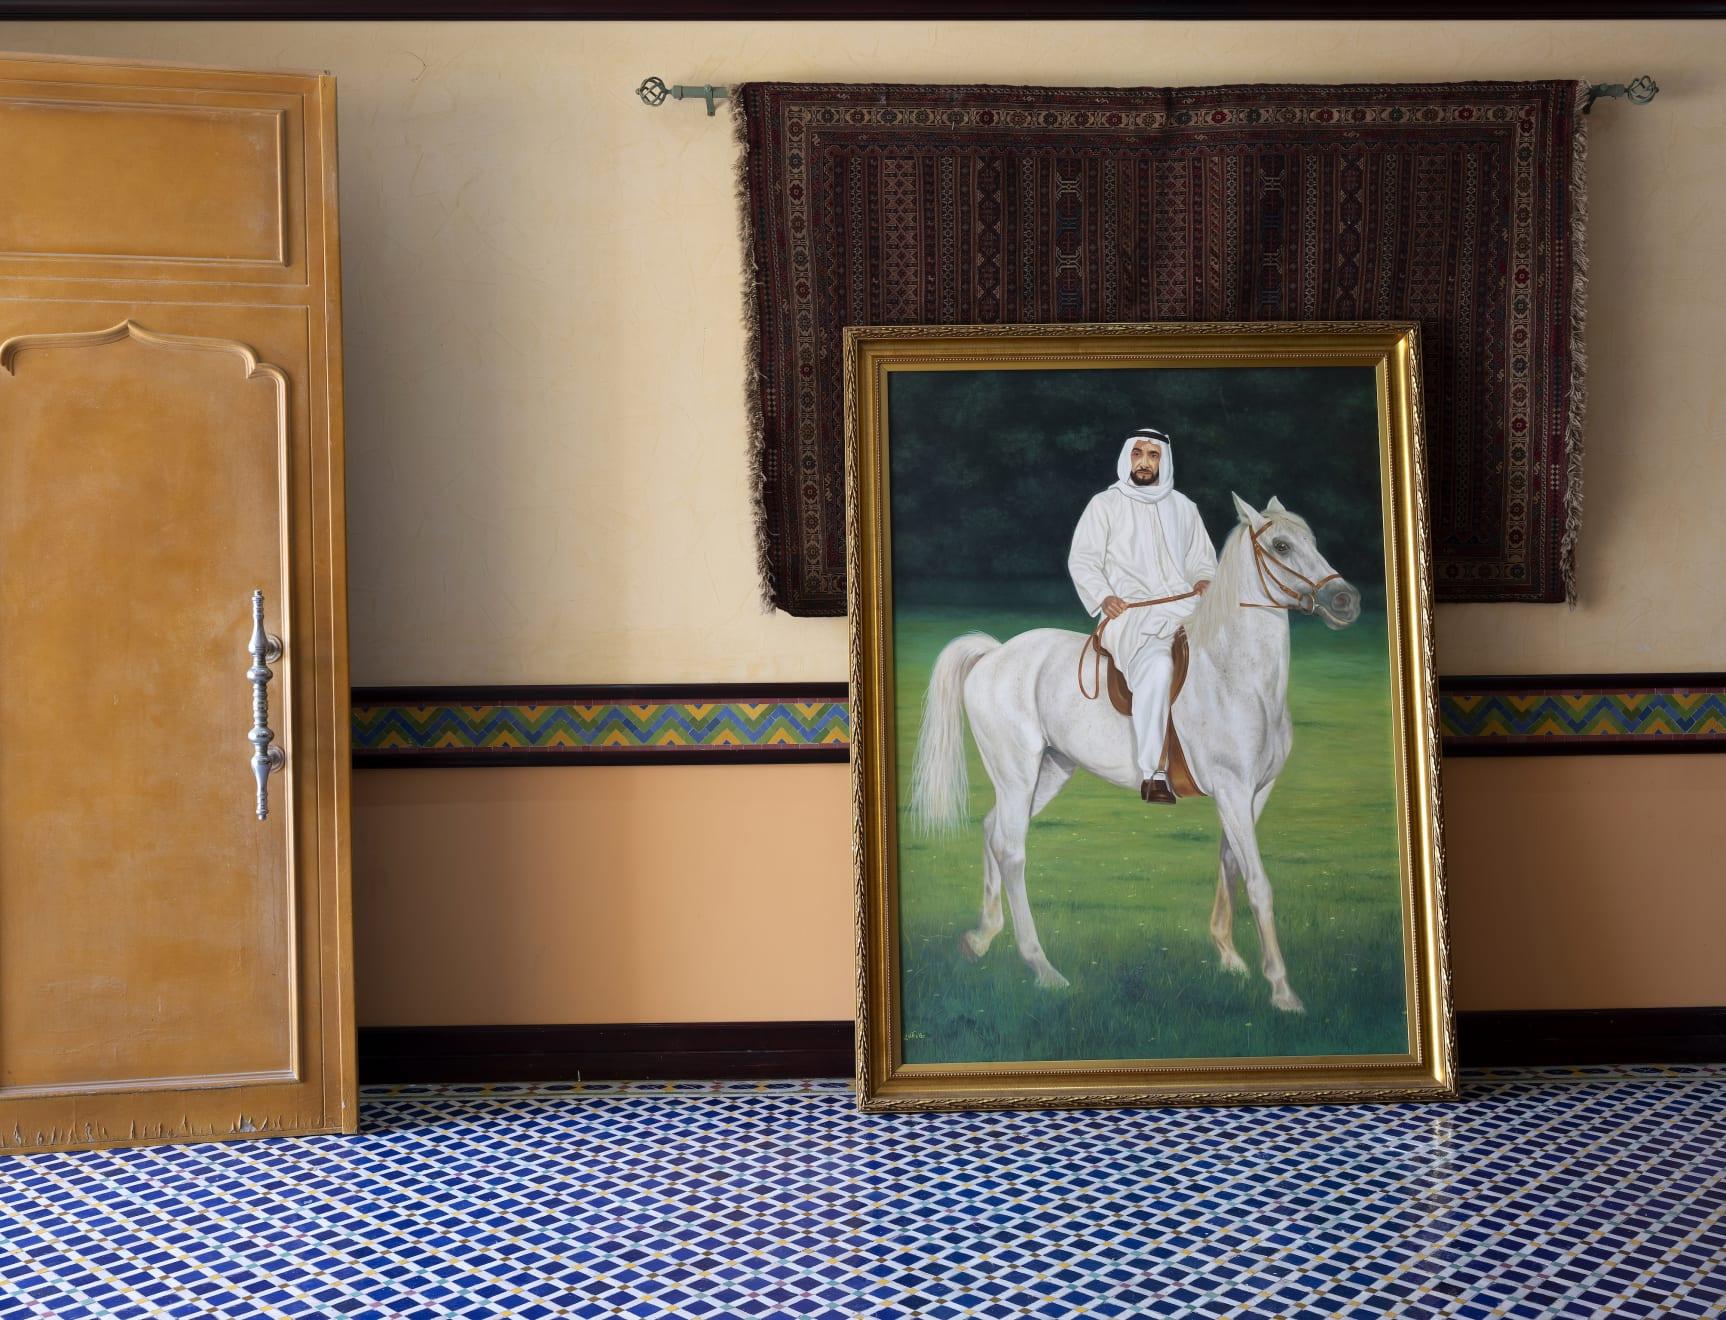 Tarek Al-Ghoussein, Abu Dhabi Archipelago (Abu Dhabi), 2015-, Digital Print, 60 x 80cm, Edition of 6 + 1AP USD 8,000 (Excluding VAT)